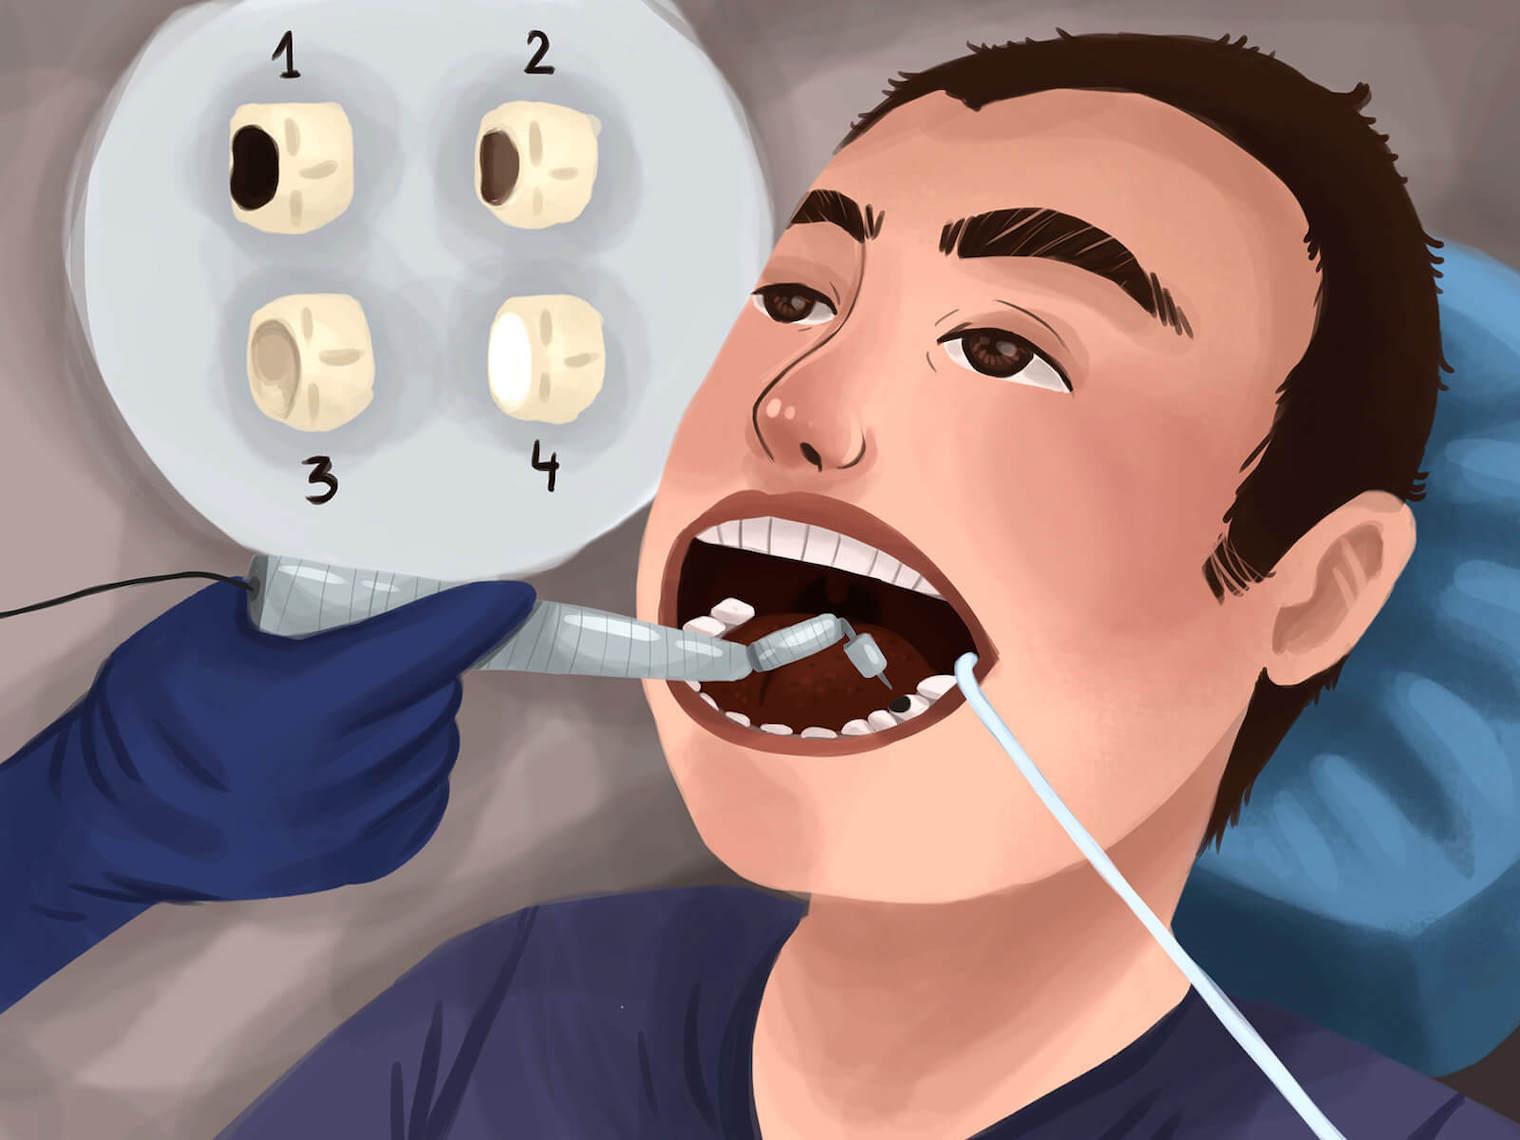 牙齒結構、唾液量、牙齒排列是影響蛀牙的關鍵因素。在牙齒胚胎時期就已經決定,有些牙齒在胚胎時期,養分攝取充足琺瑯質鈣化得很好,表面光滑好清潔,就不容易蛀牙